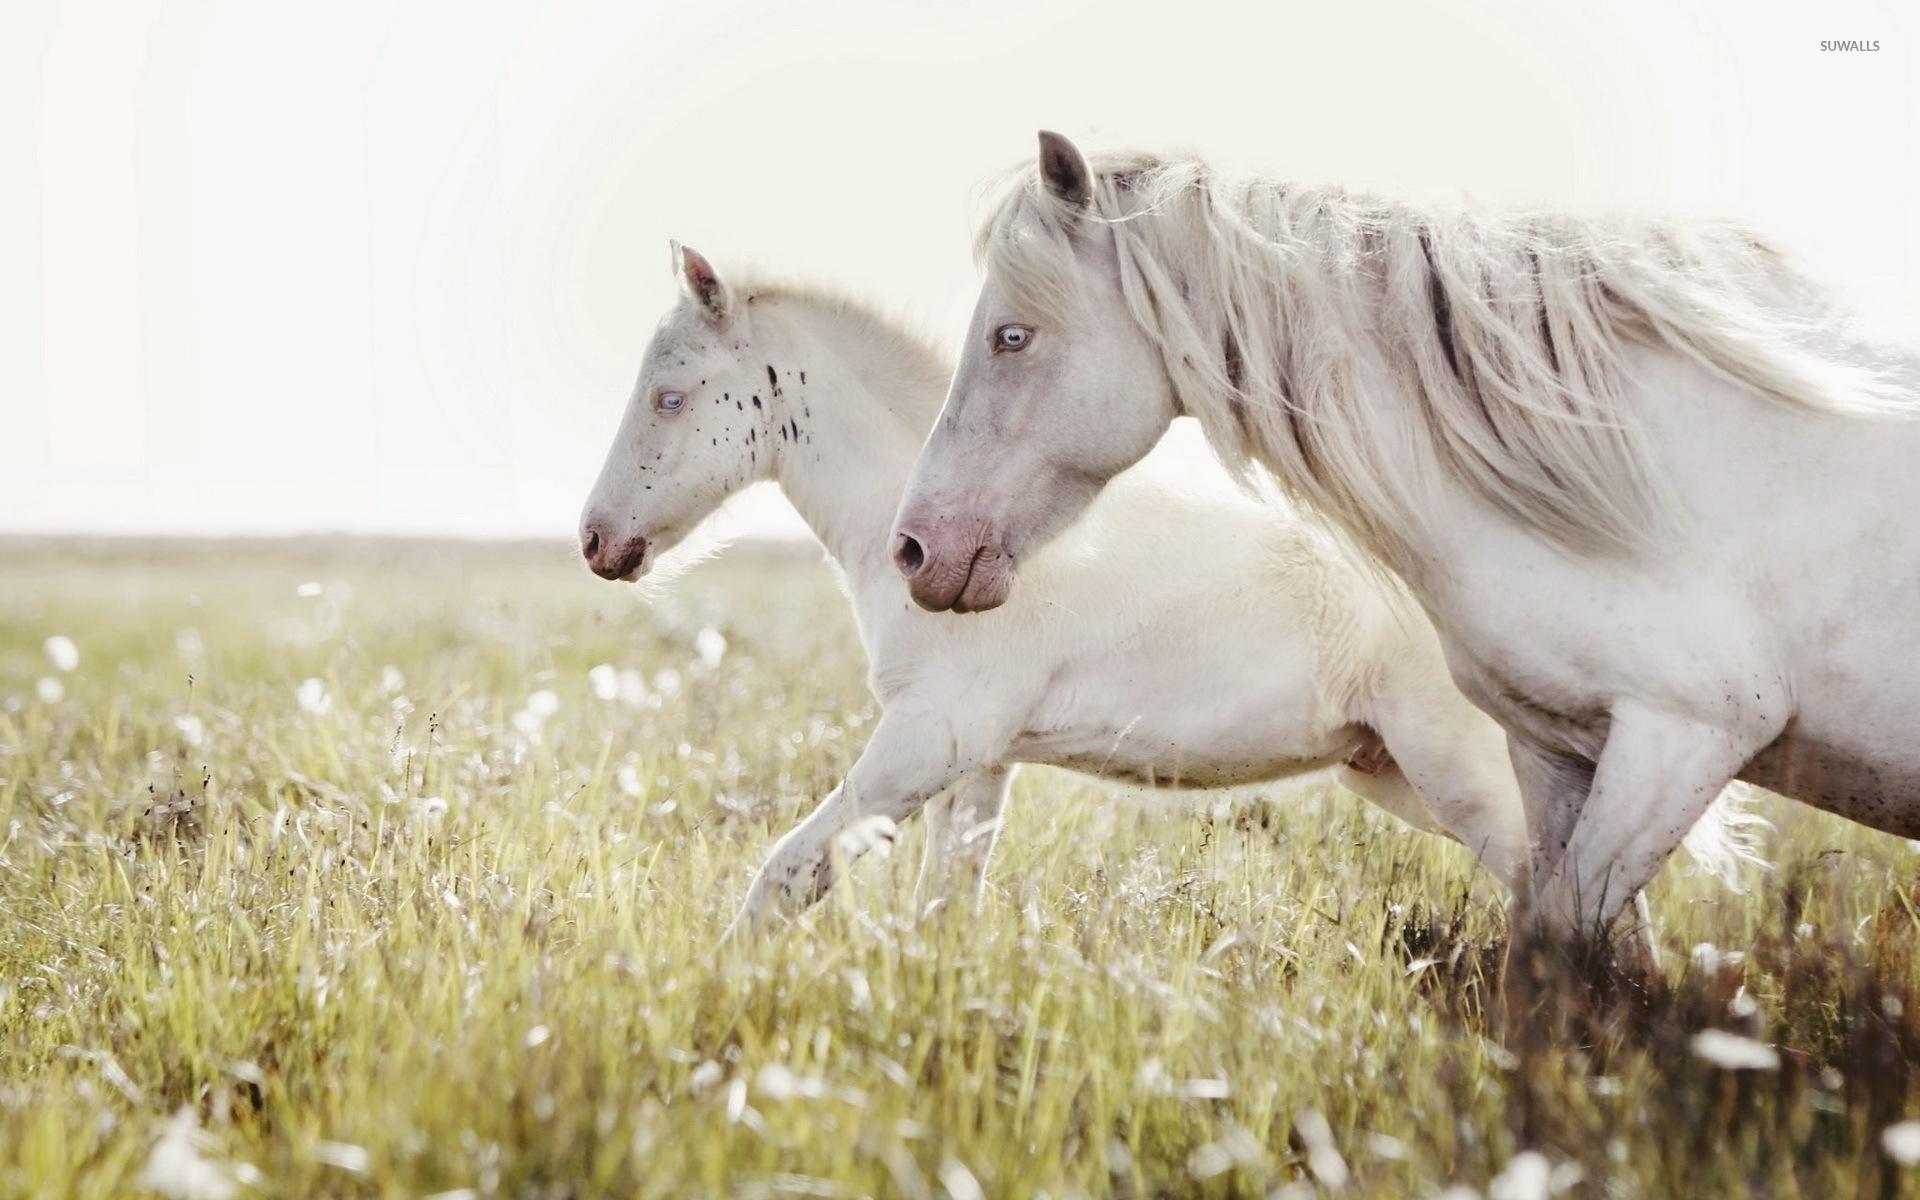 Running Horses Wallpaper Wallpapers For PC HVGA 3